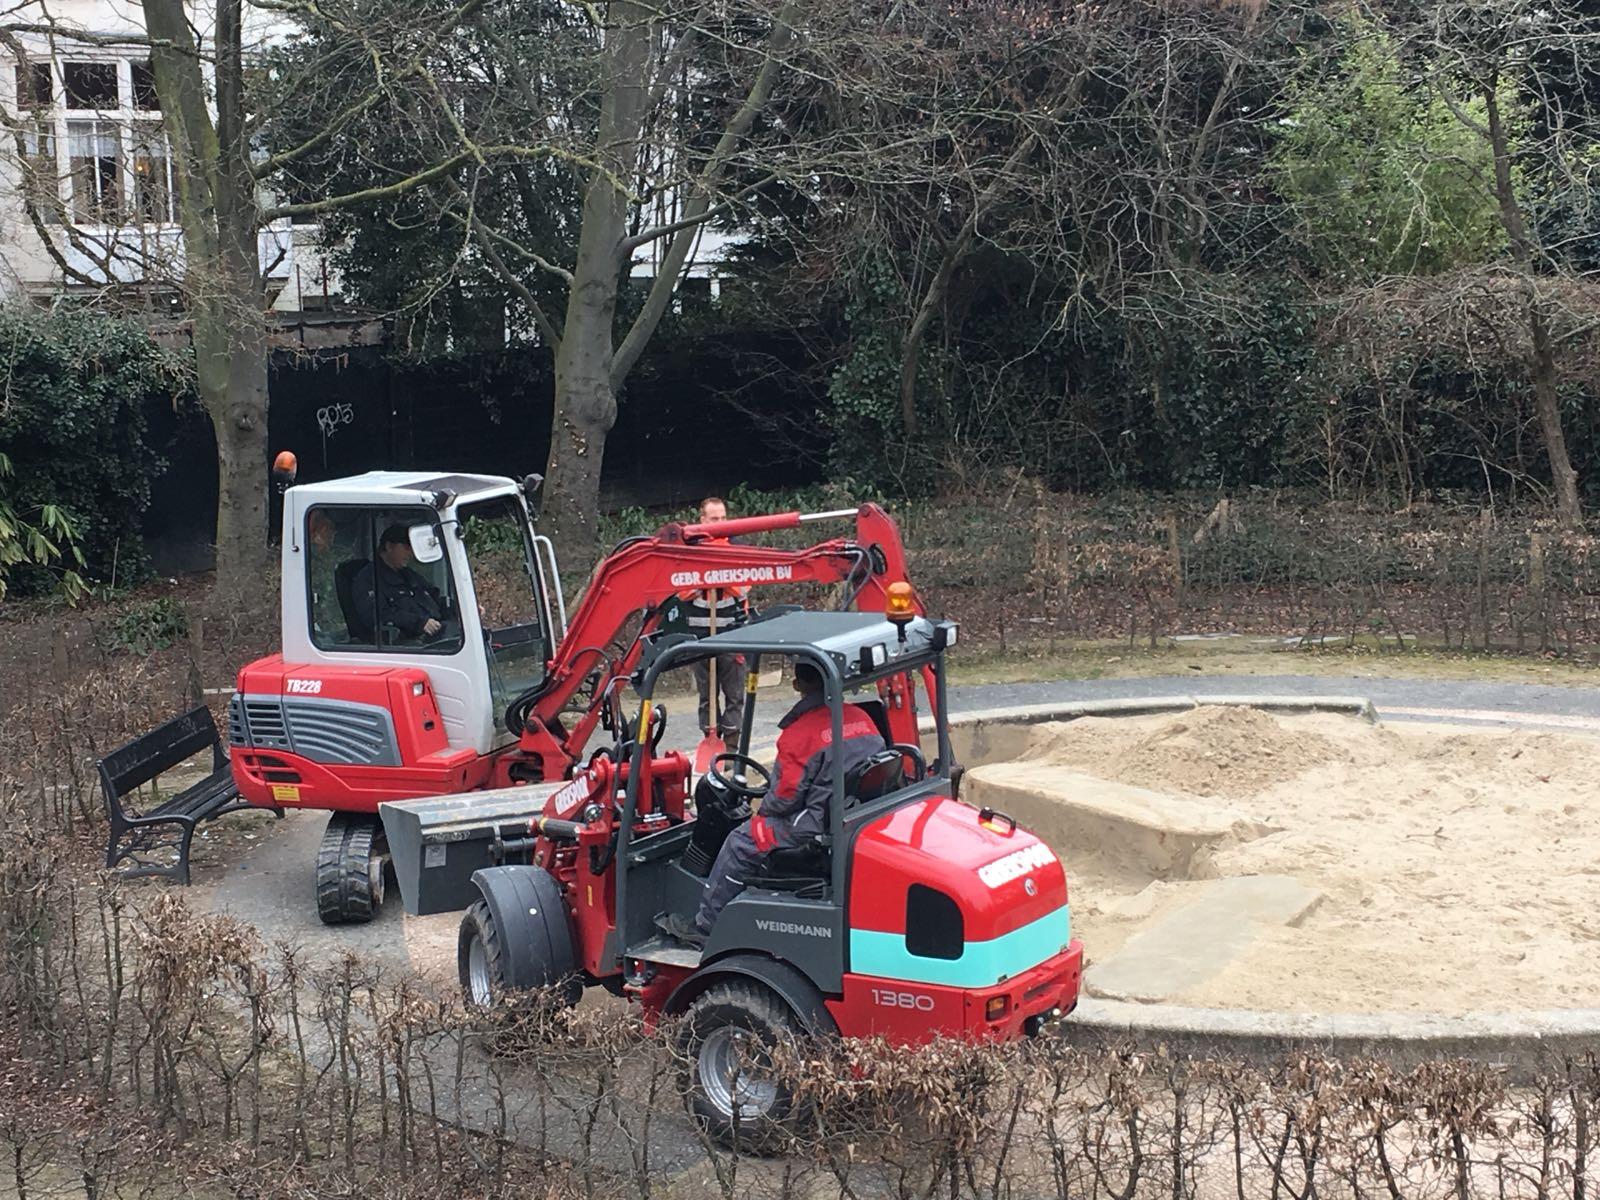 Zandbakzand vervanging